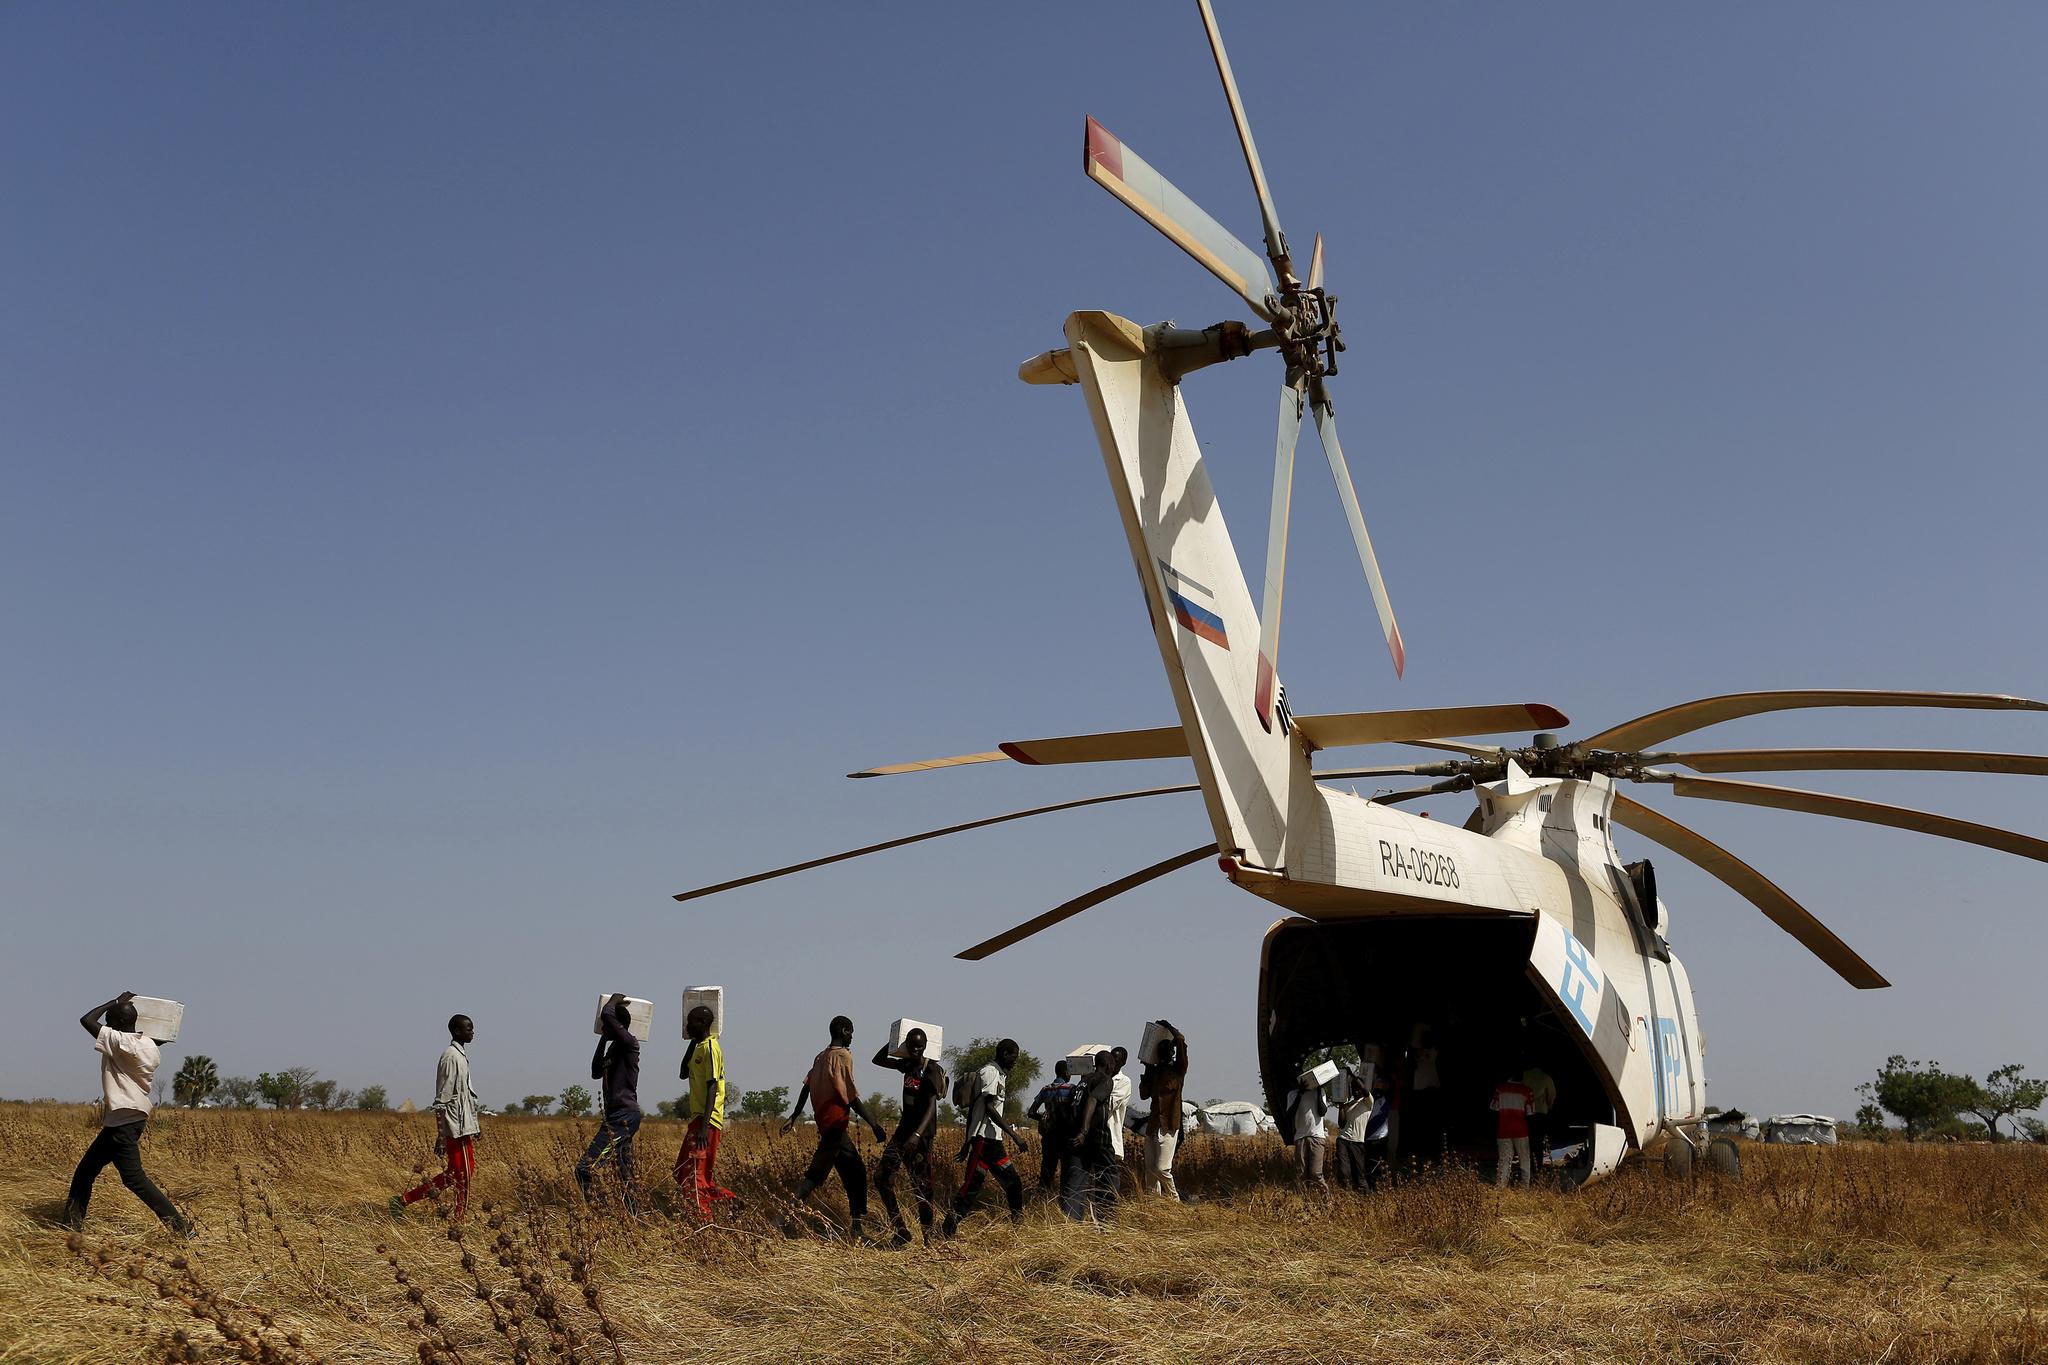 Una fila de hombres descarga ayuda humanitaria de un helicóptero en Thonyor (Sudán del Sur).